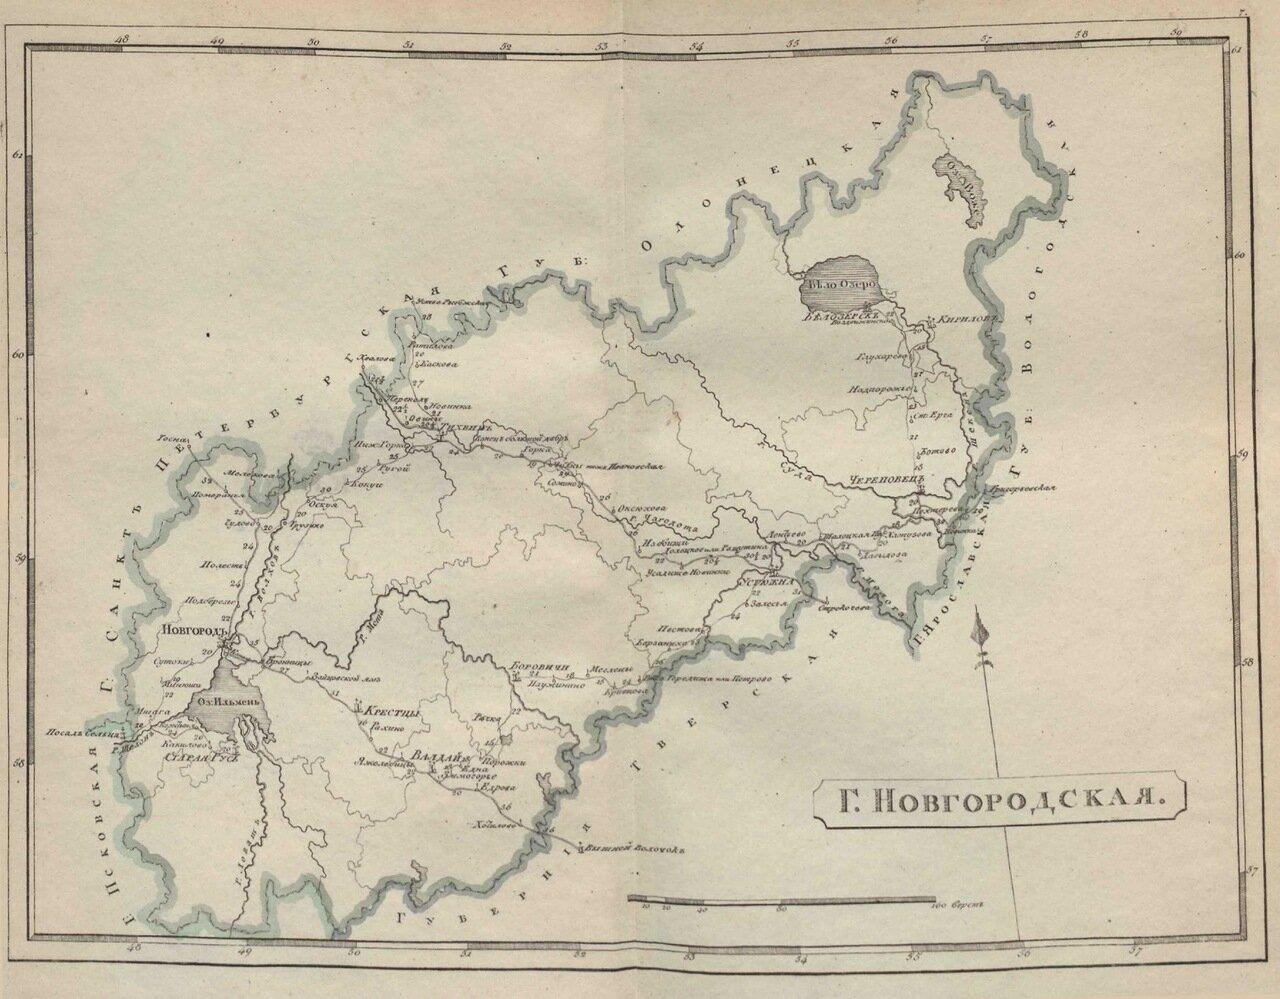 7.Новгородская губерния